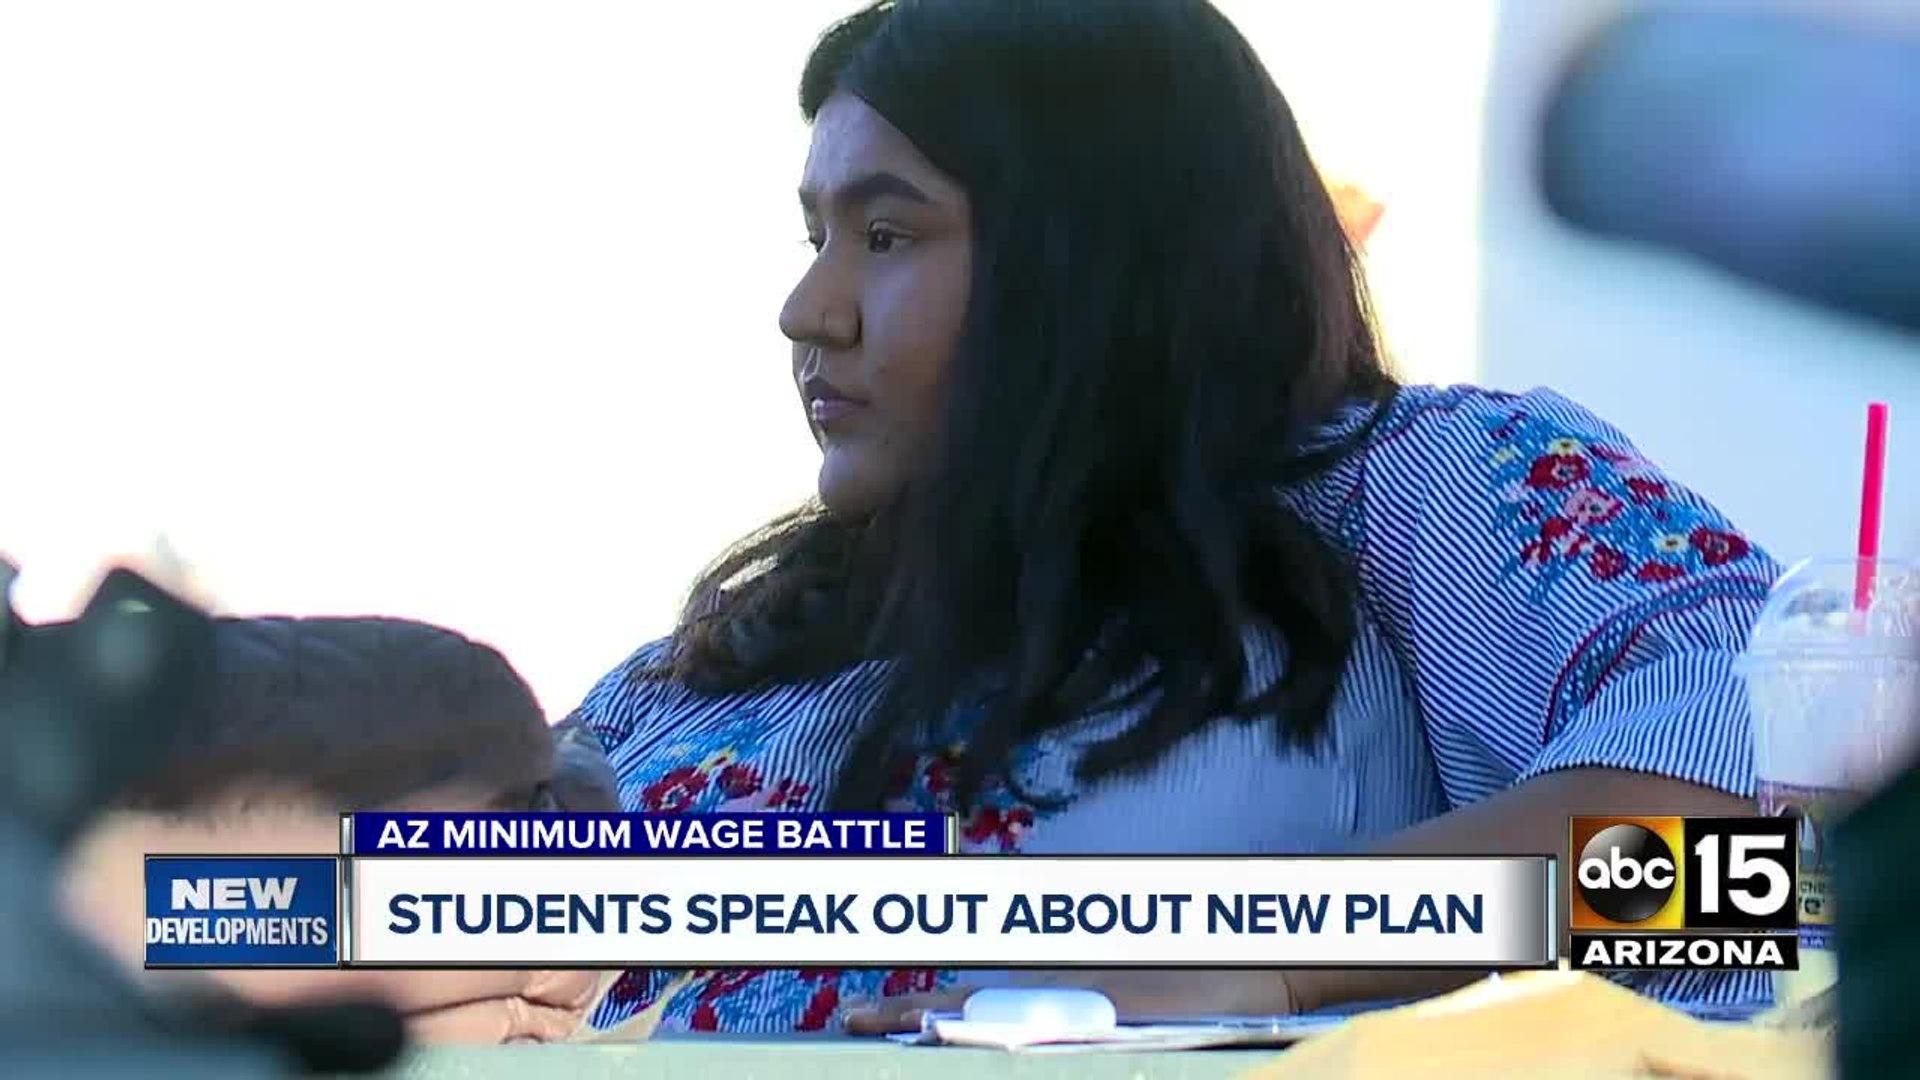 Students speak out over Arizona's new minimum wage battle